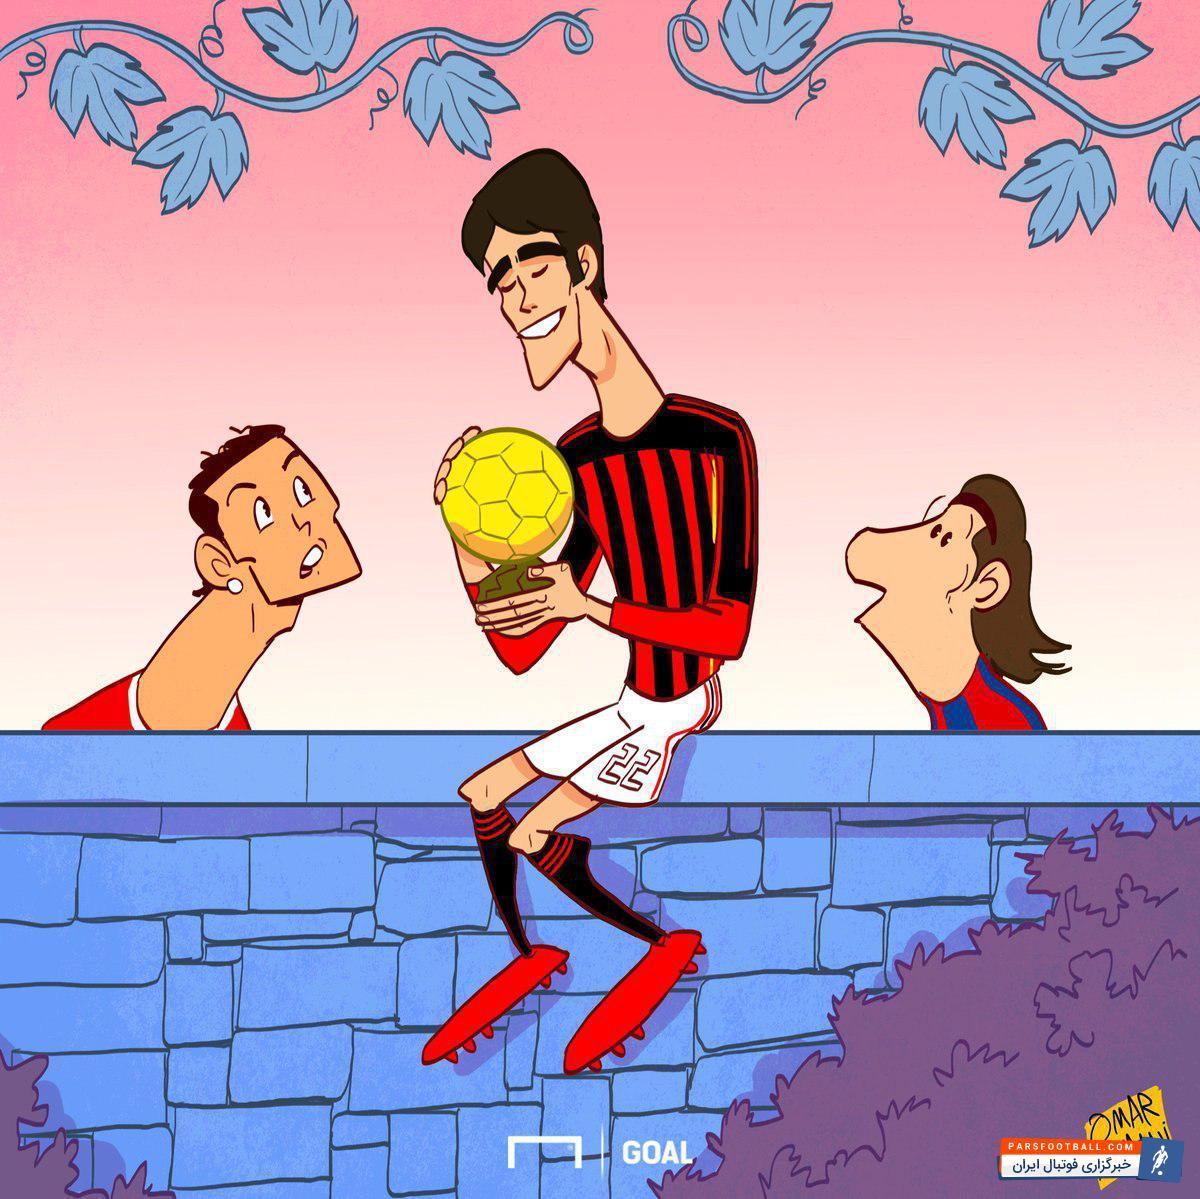 عکس ؛ کاریکاتور ؛ خداحافظی آخرین بازیکنی که پیش از مسی و رونالدو توپ طلا را برد